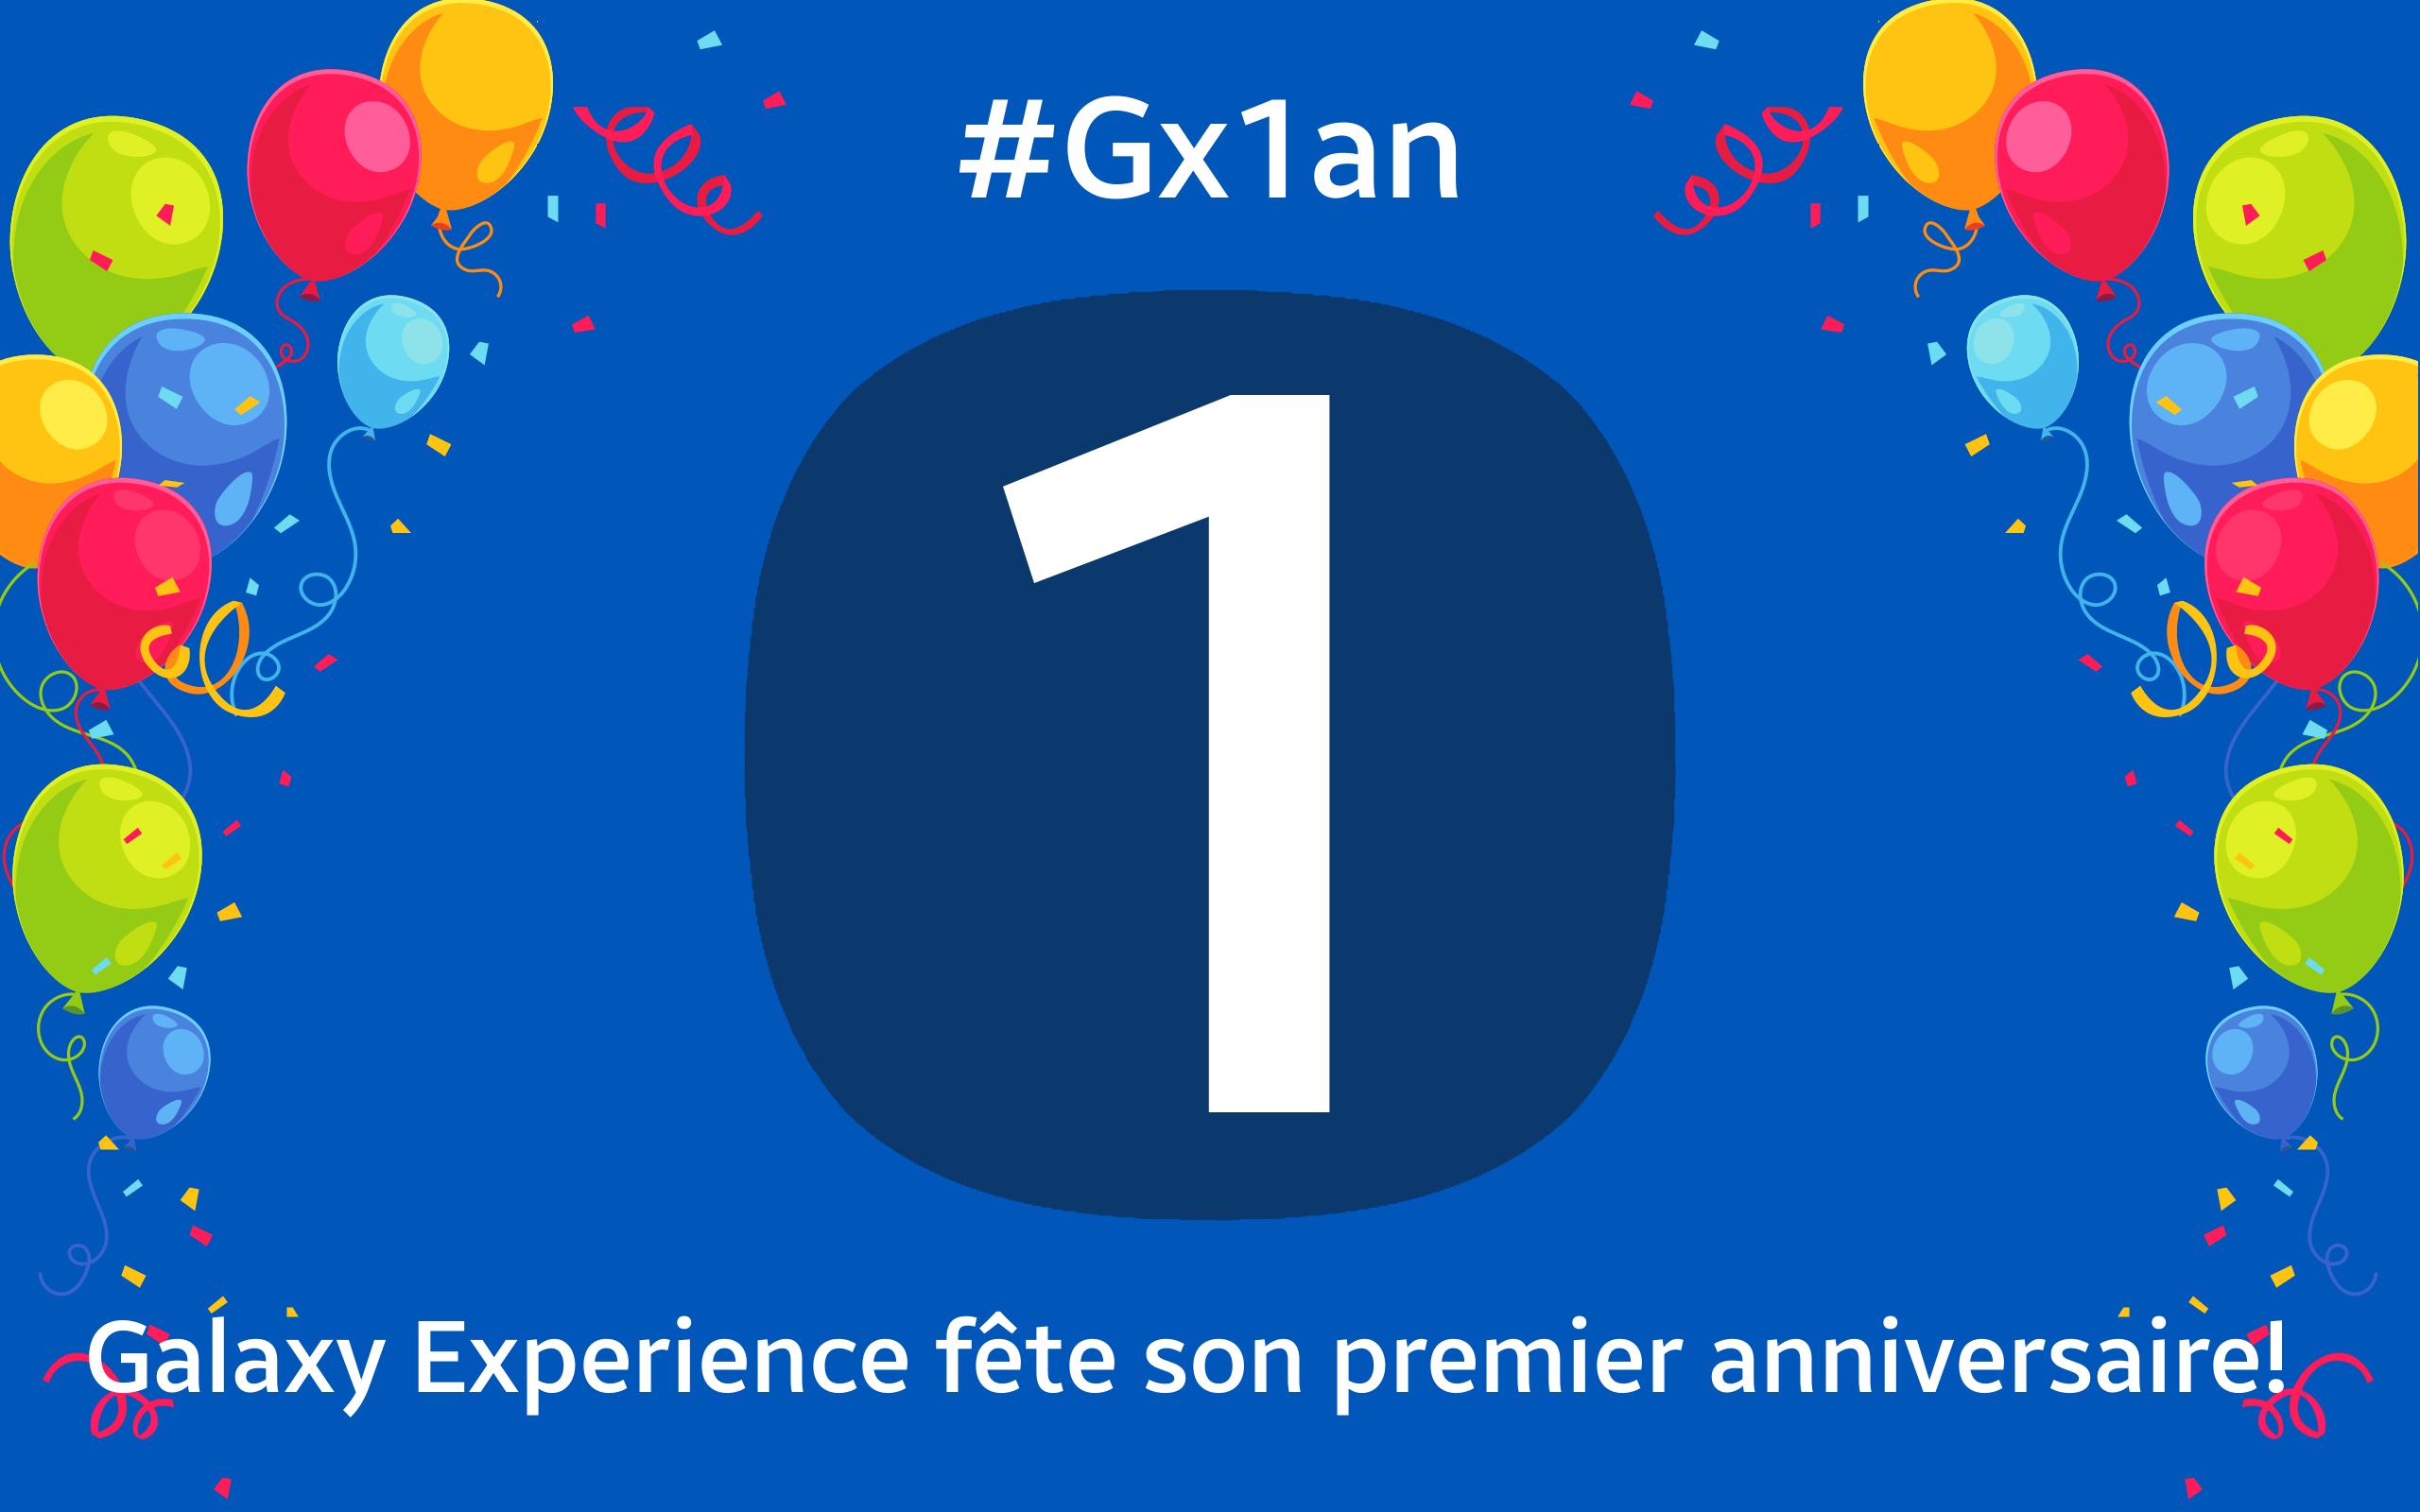 Gx 1 an